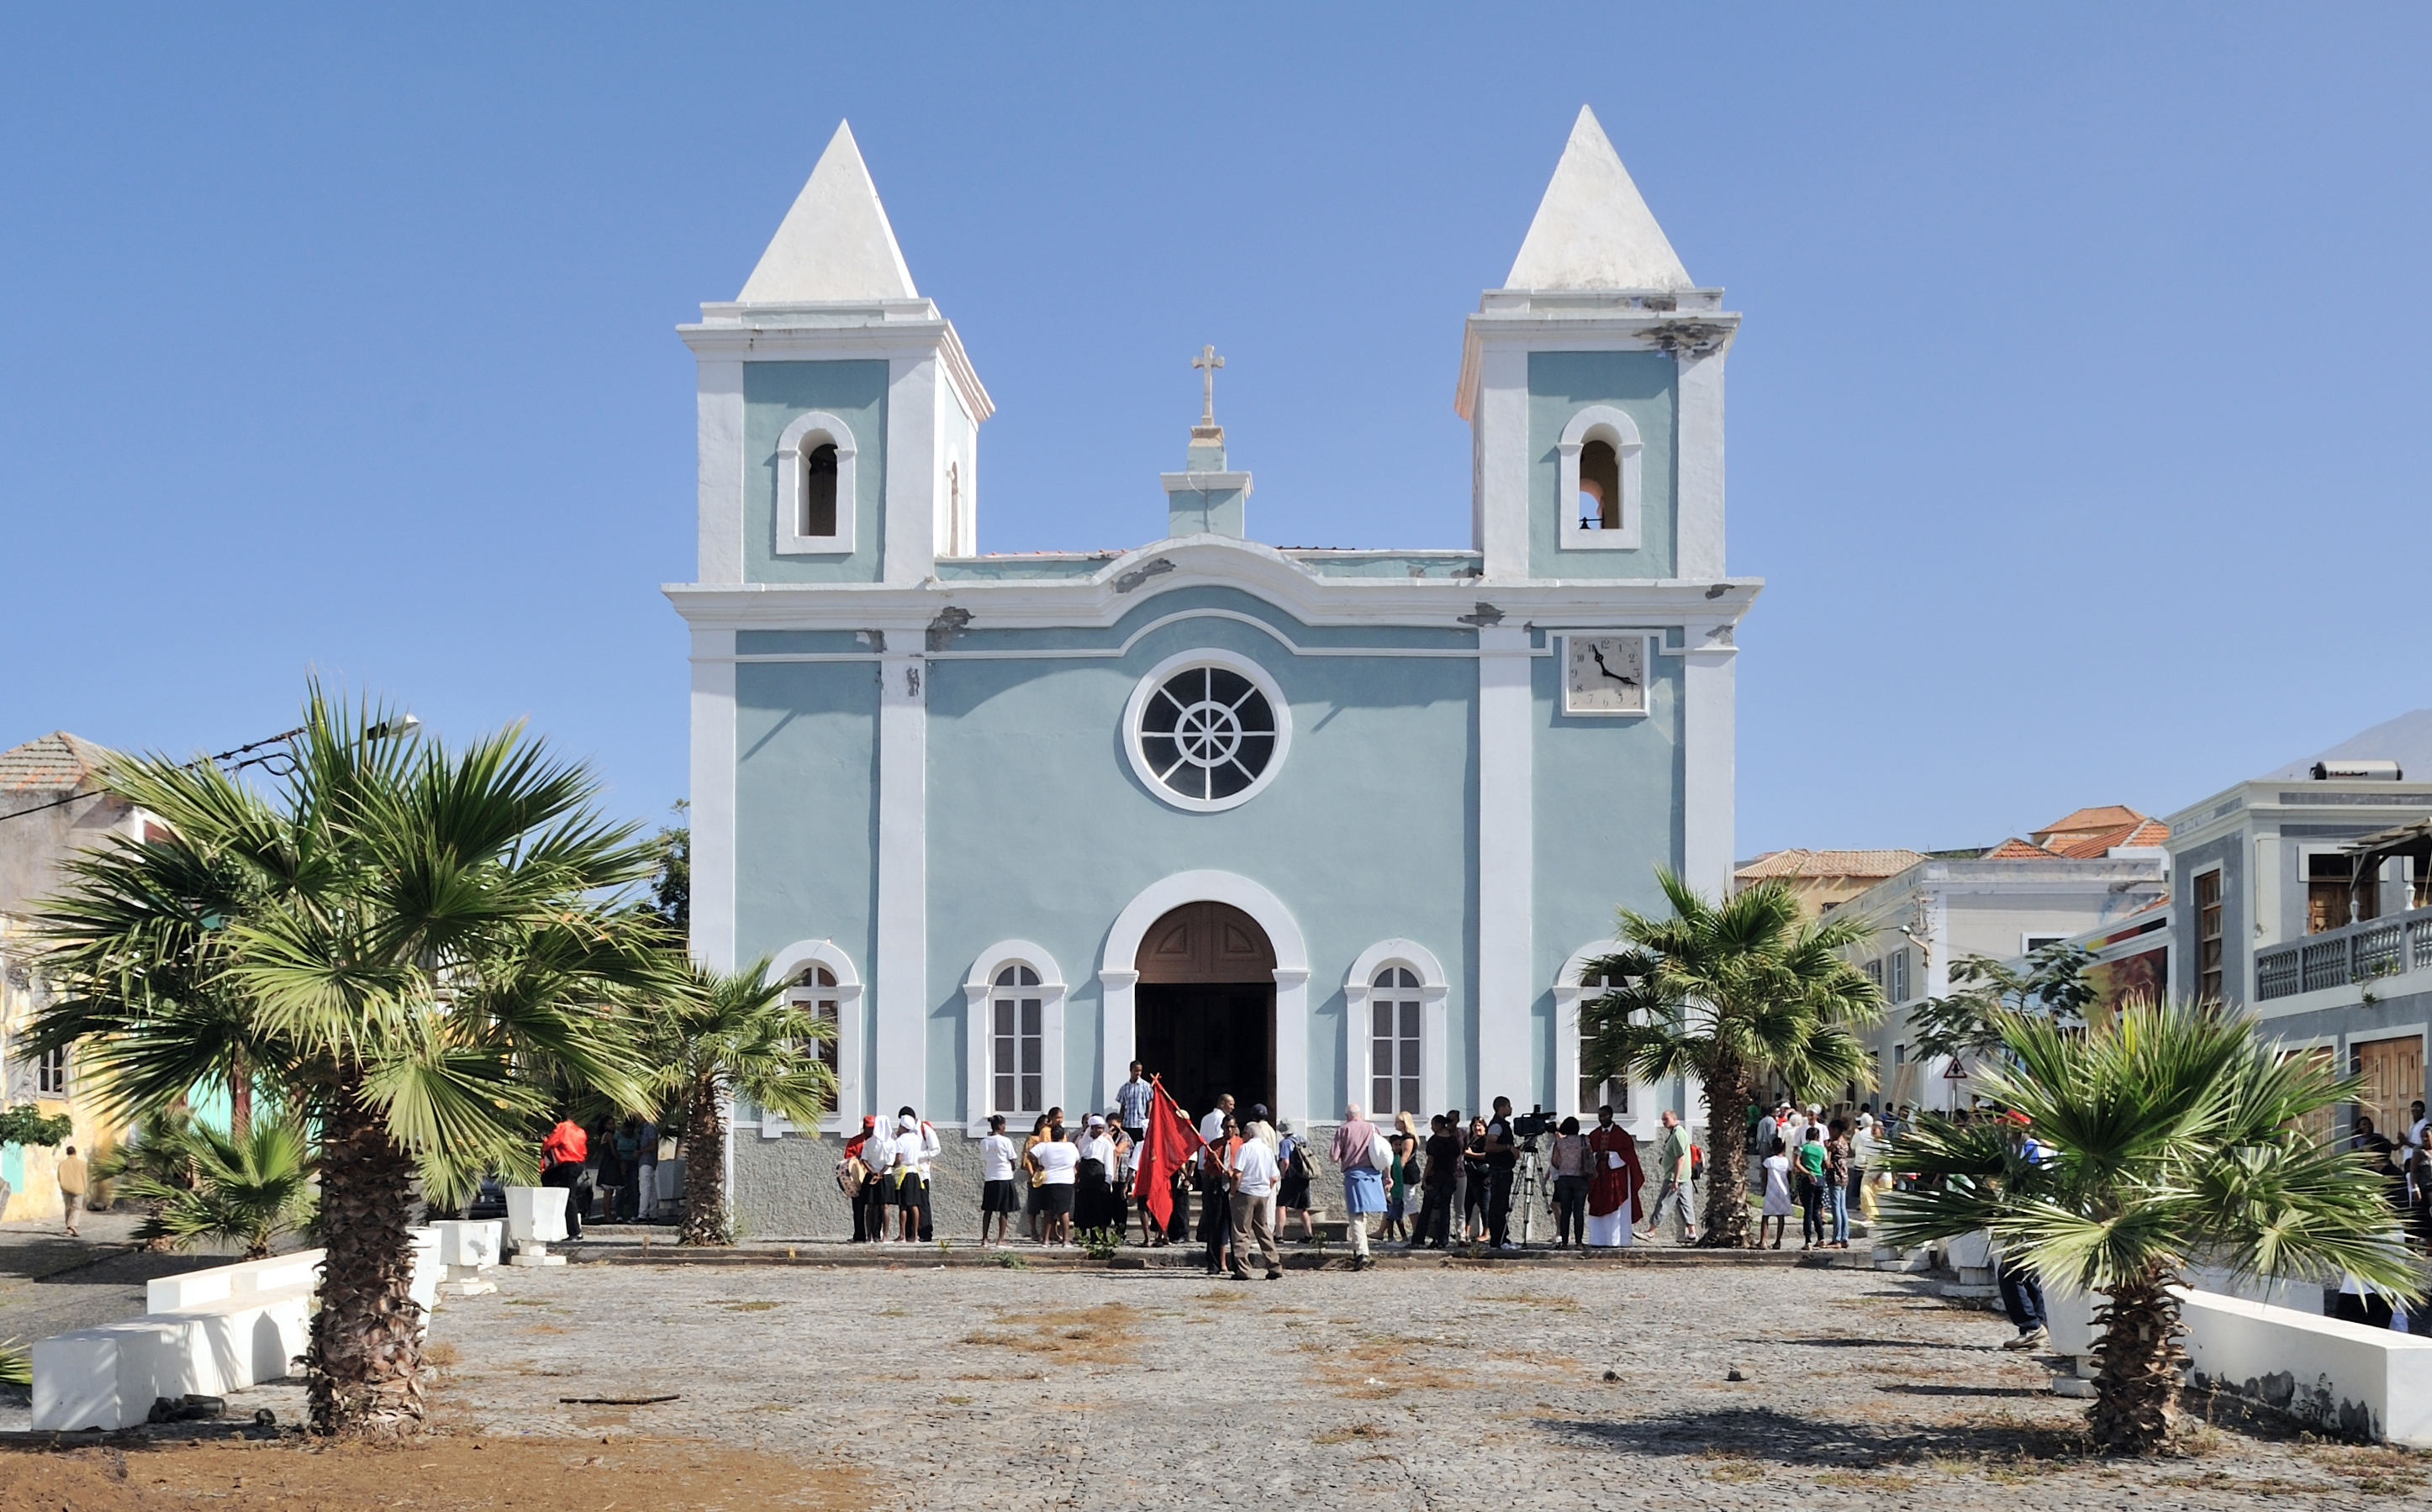 Cape_Verde_Fogo_São_Filipe_Nossa_Senhora